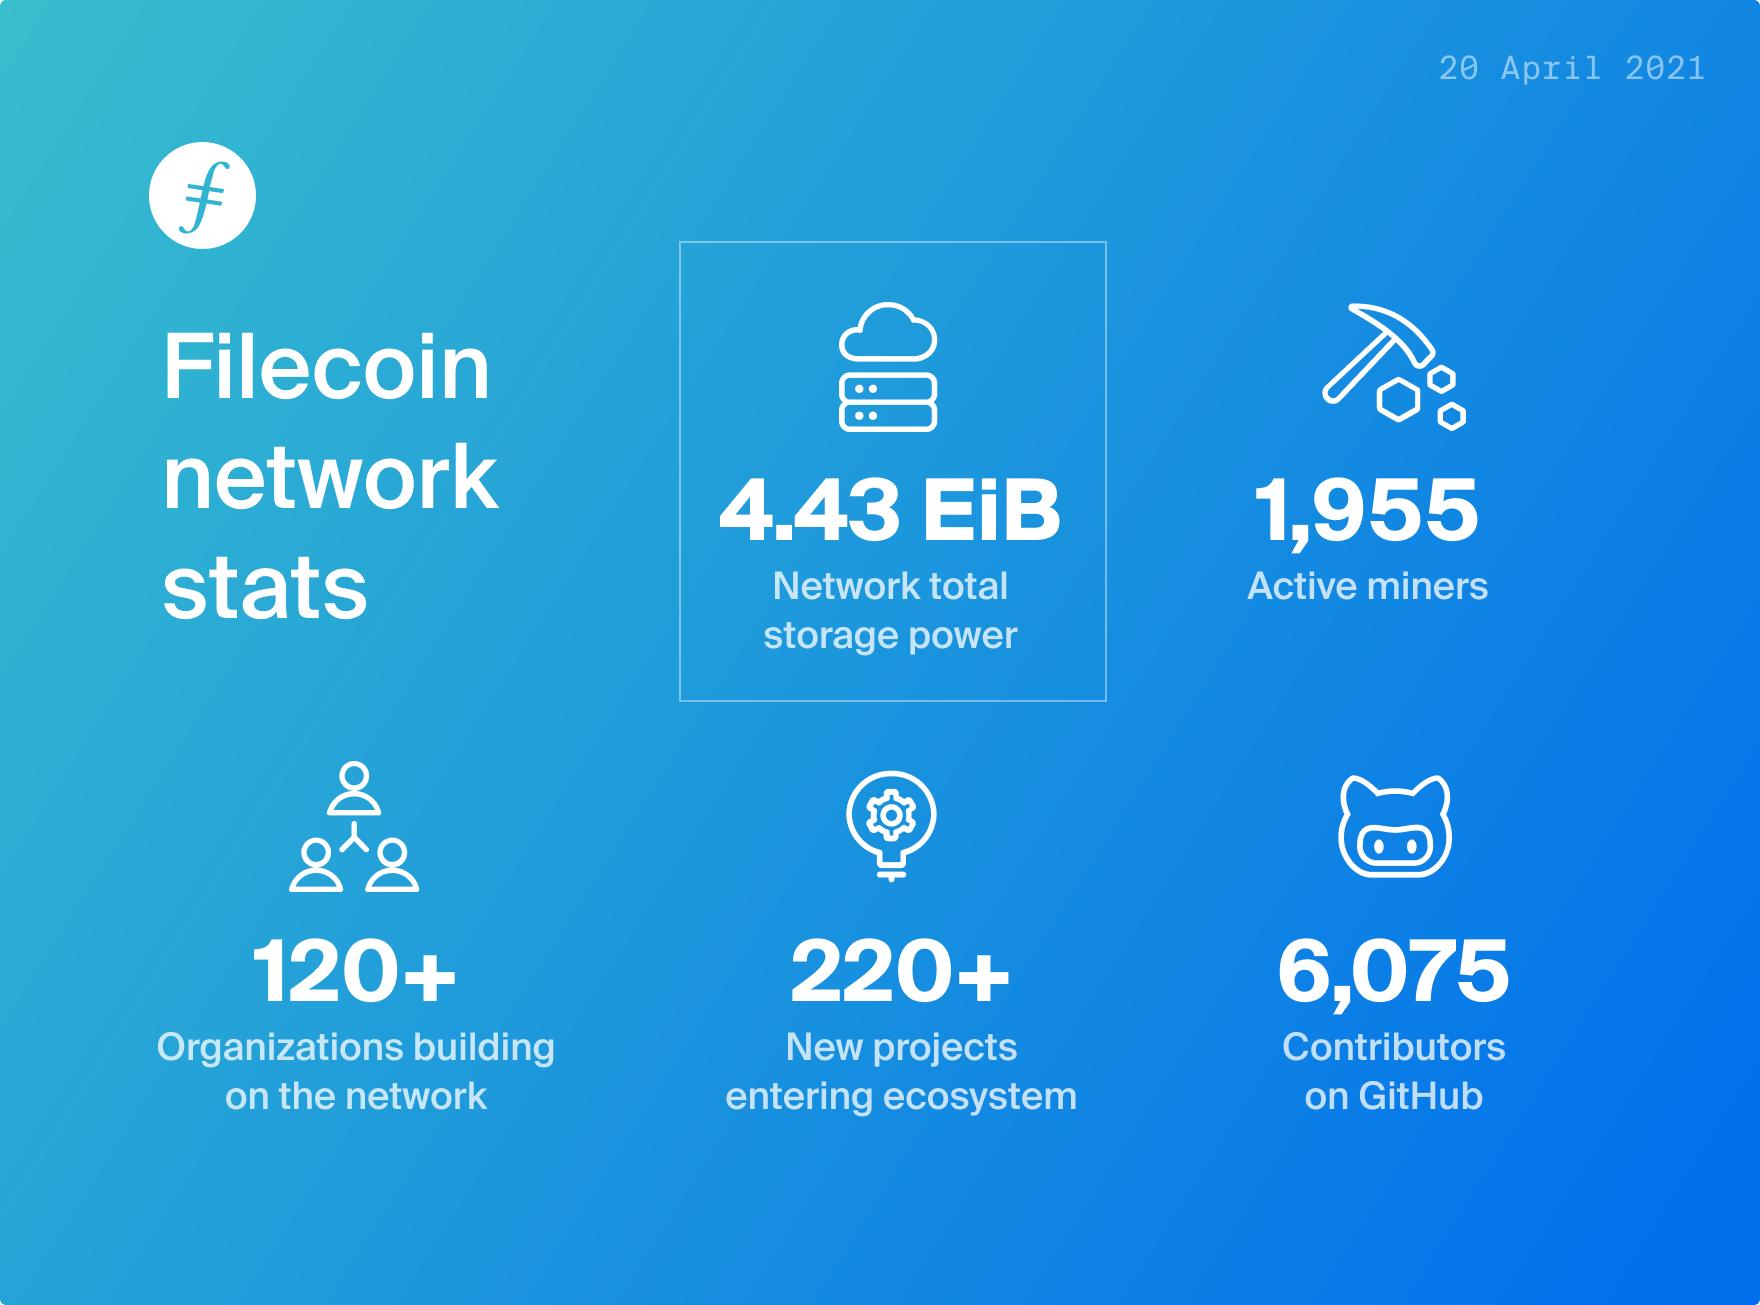 filecoin-news-16.png